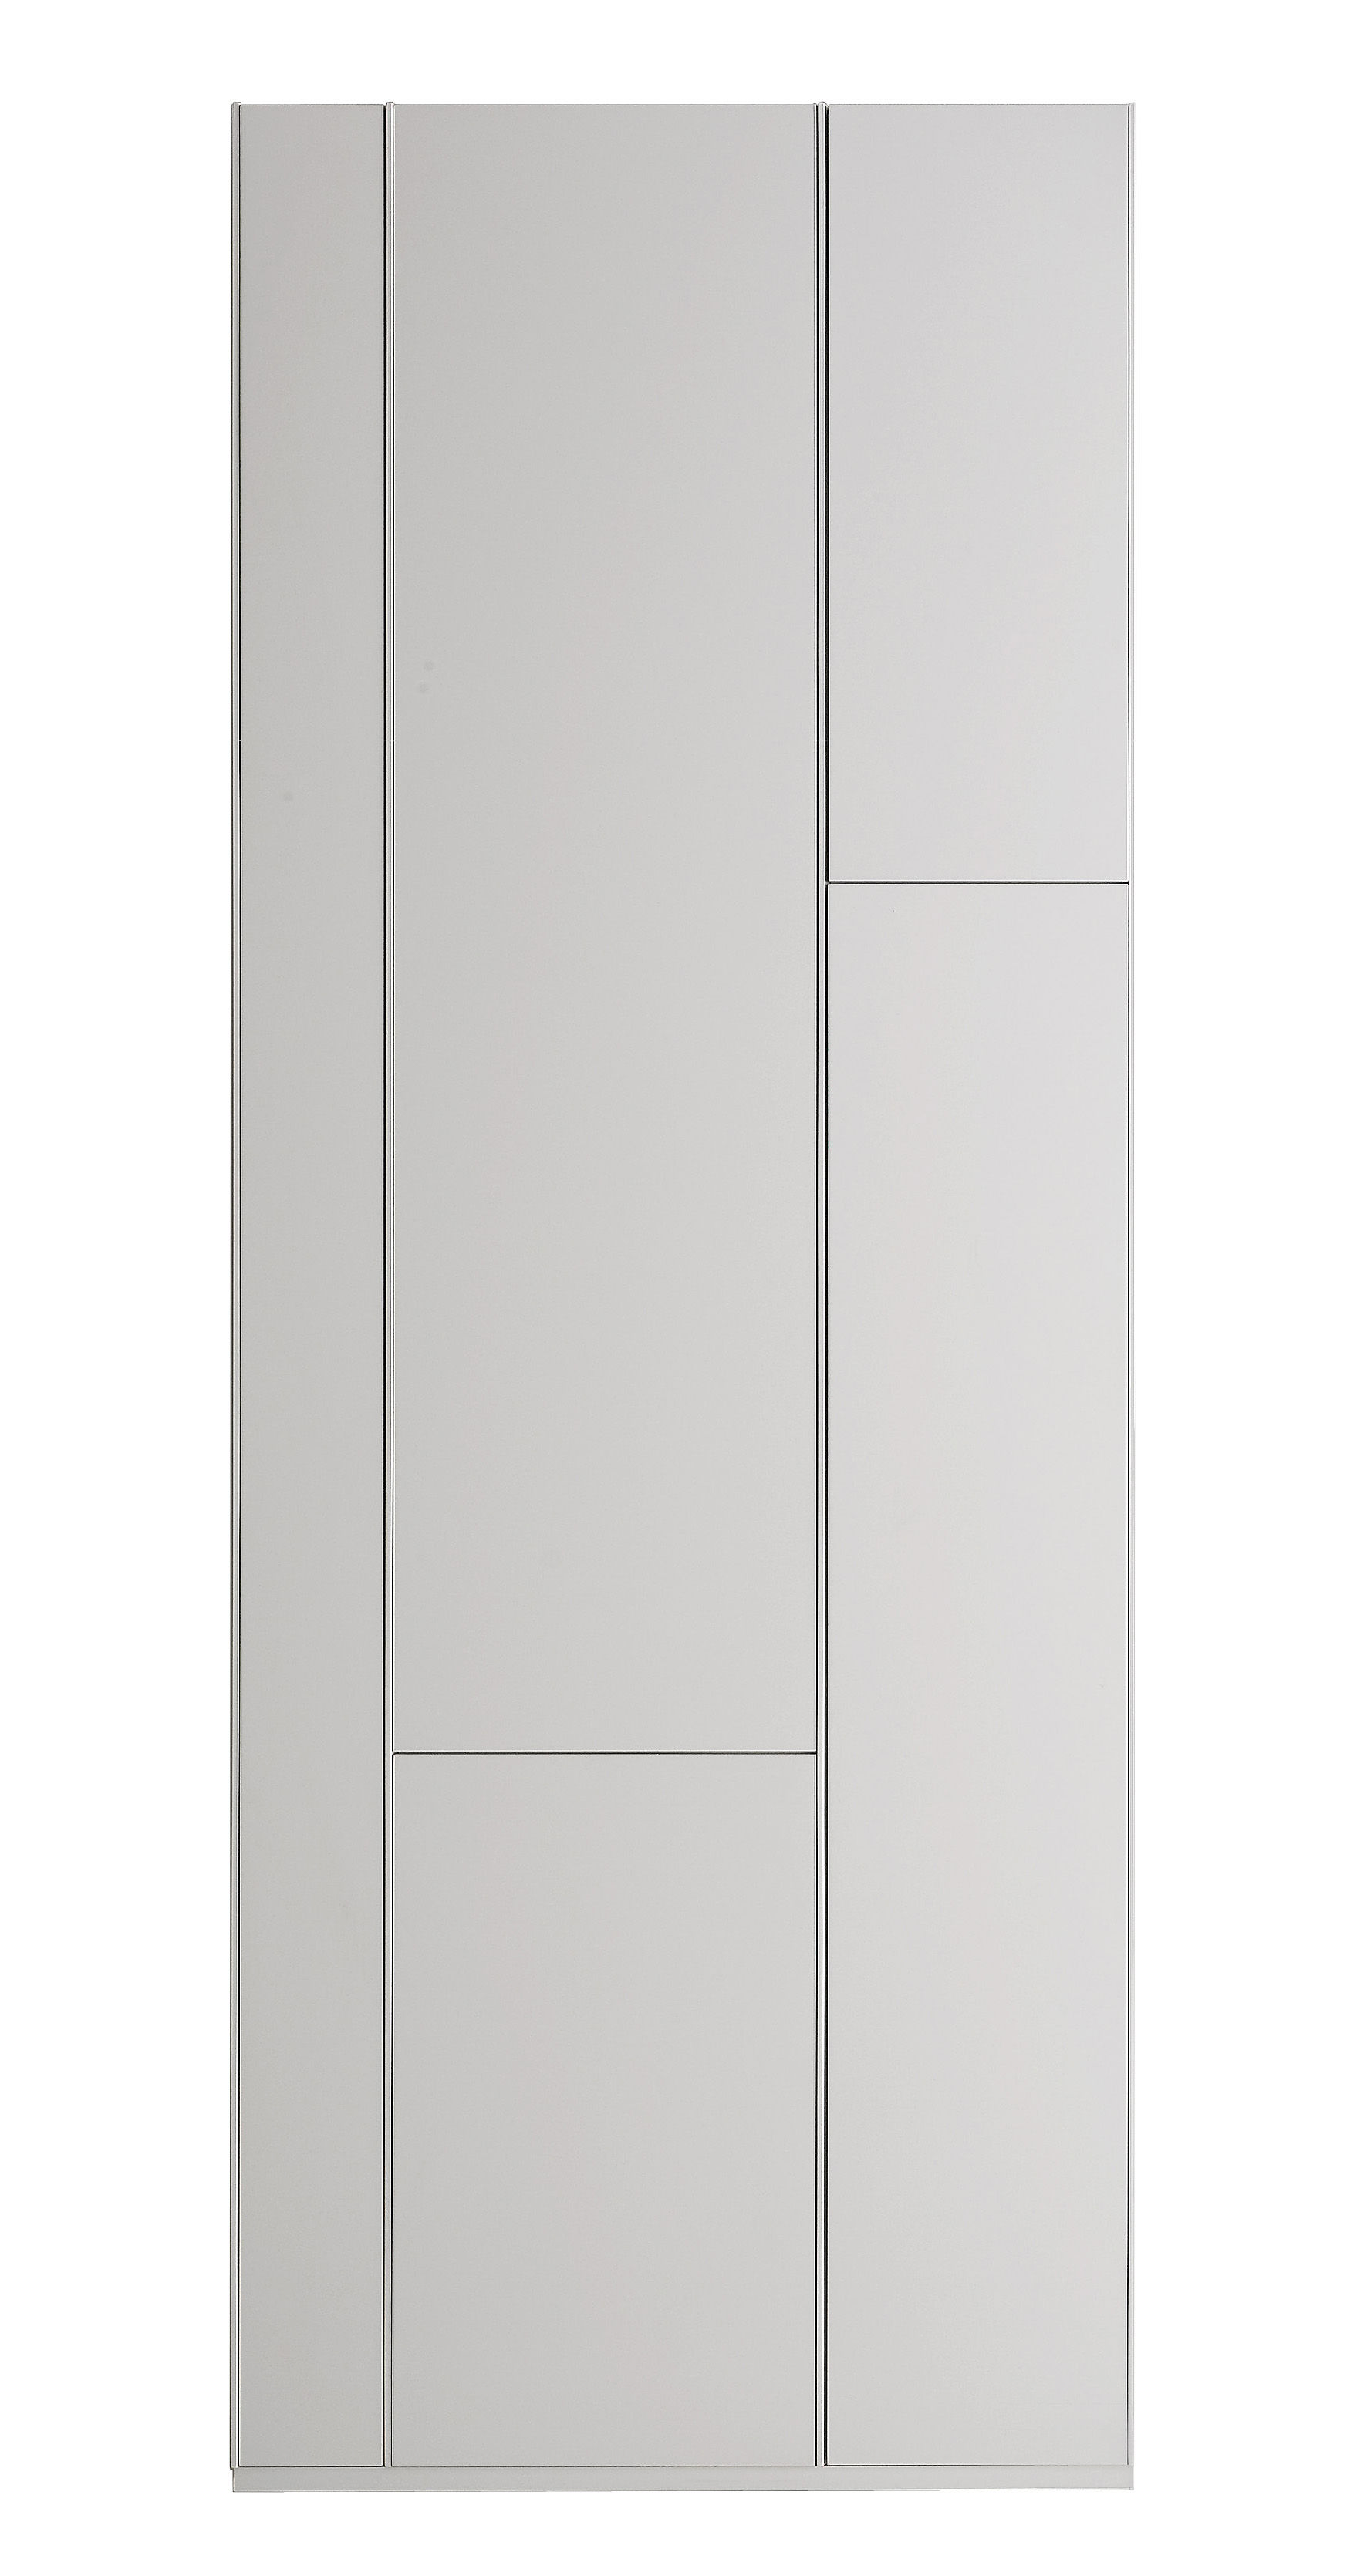 Mobilier - Etagères & bibliothèques - Bibliothèque Random Cabinet - MDF Italia - Laqué blanc - Fibre de bois laqué